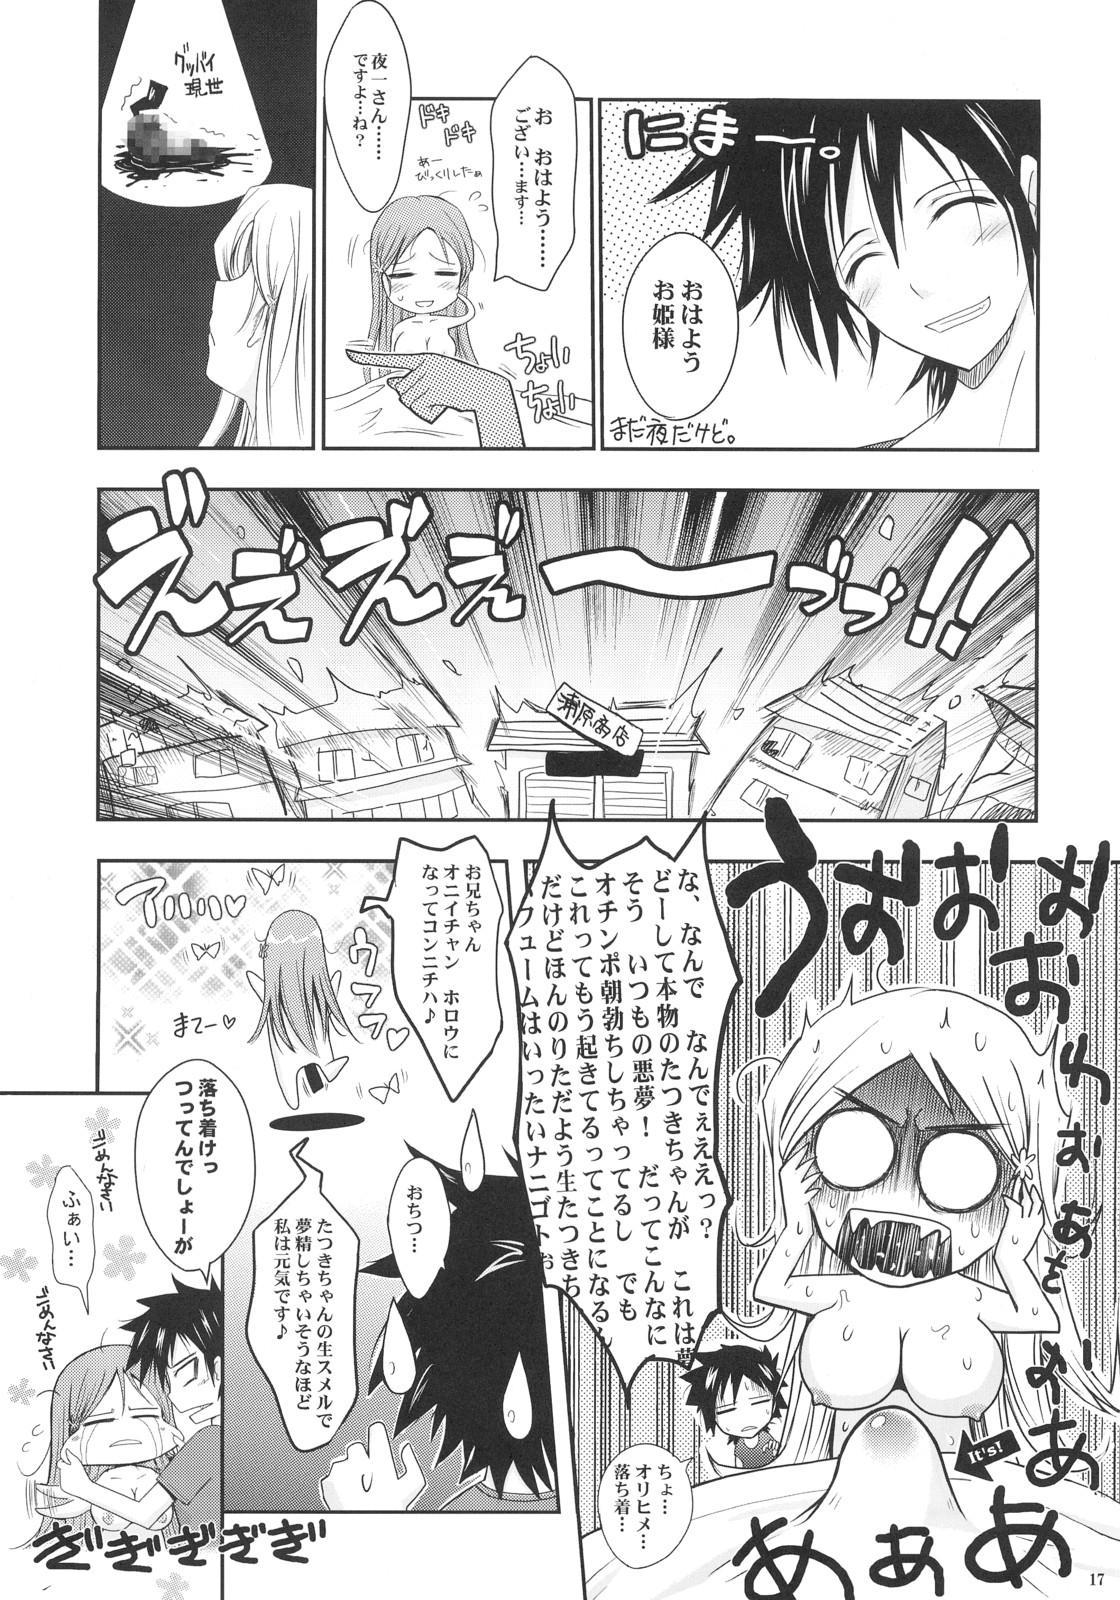 Aki-Akane Zenpen 15